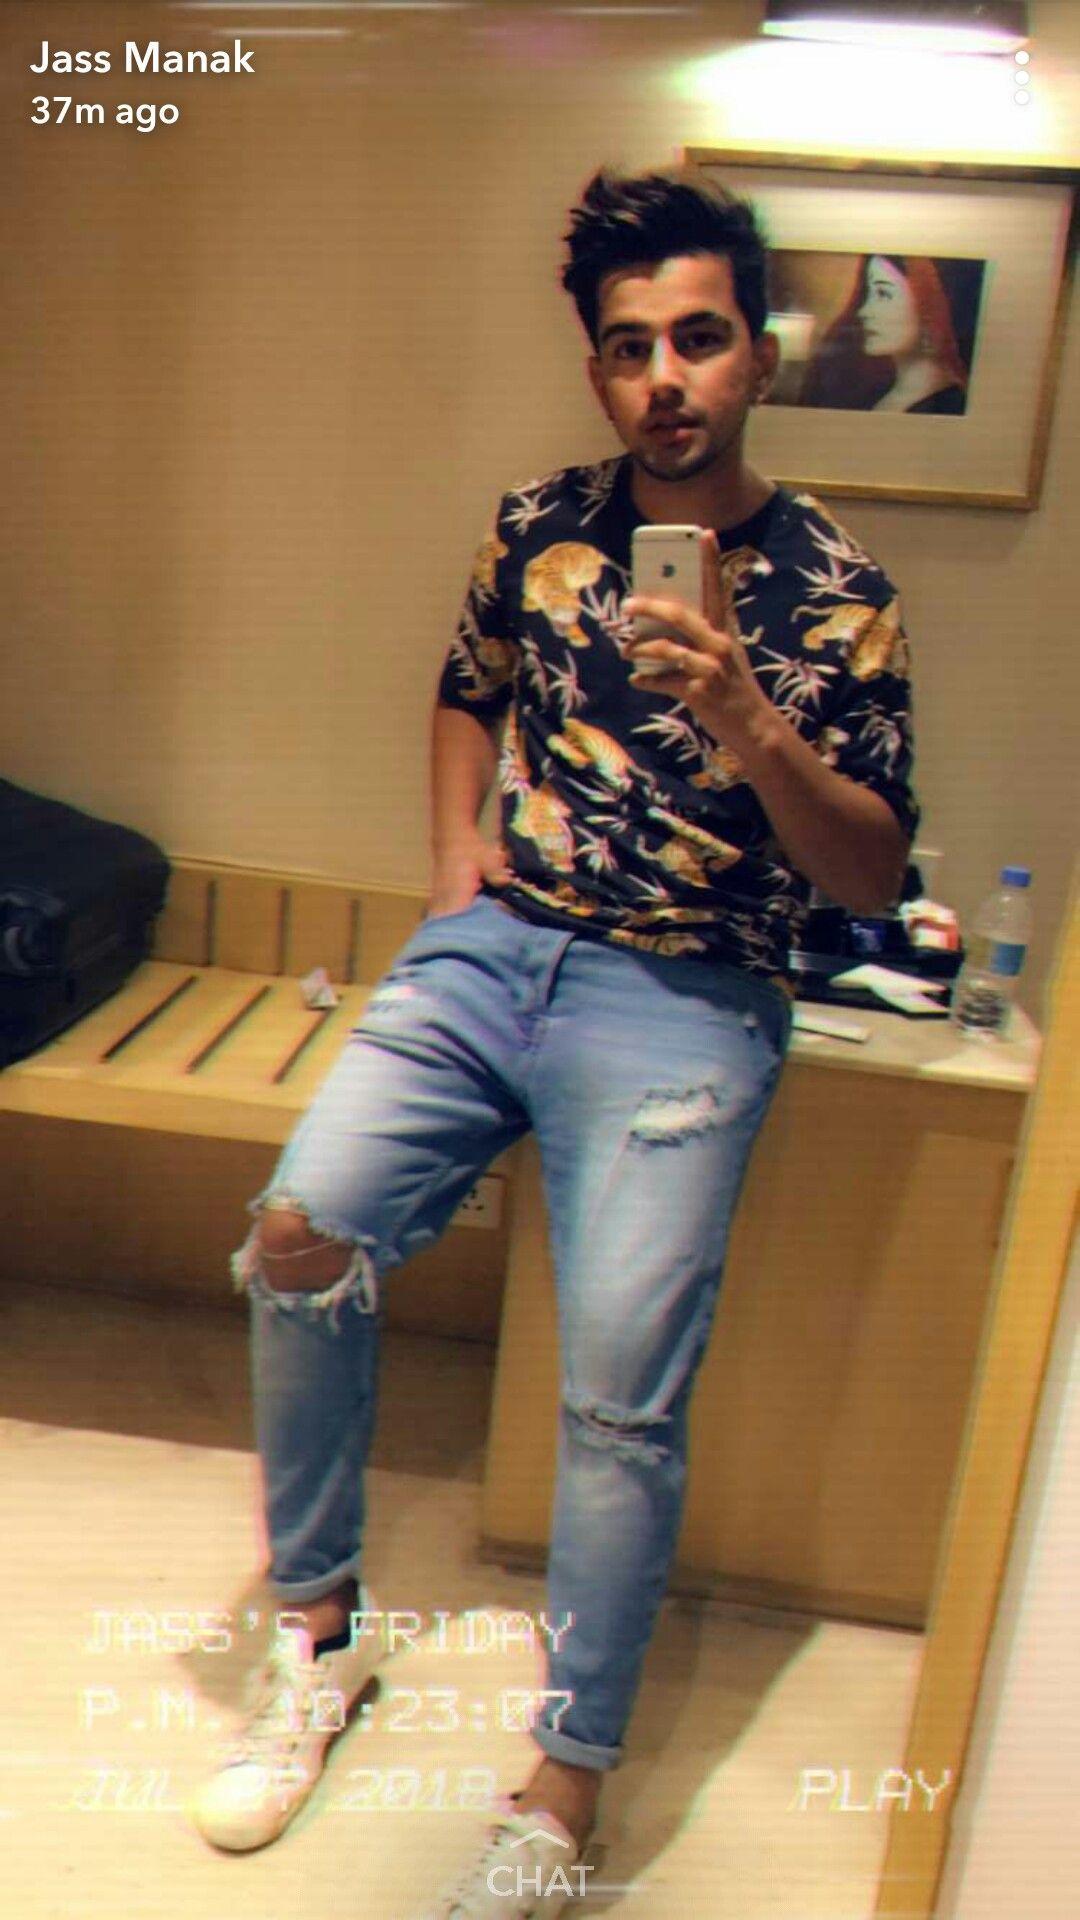 Pin By Simhope On Punjabi Celebs Swag Boys Fashion Singer